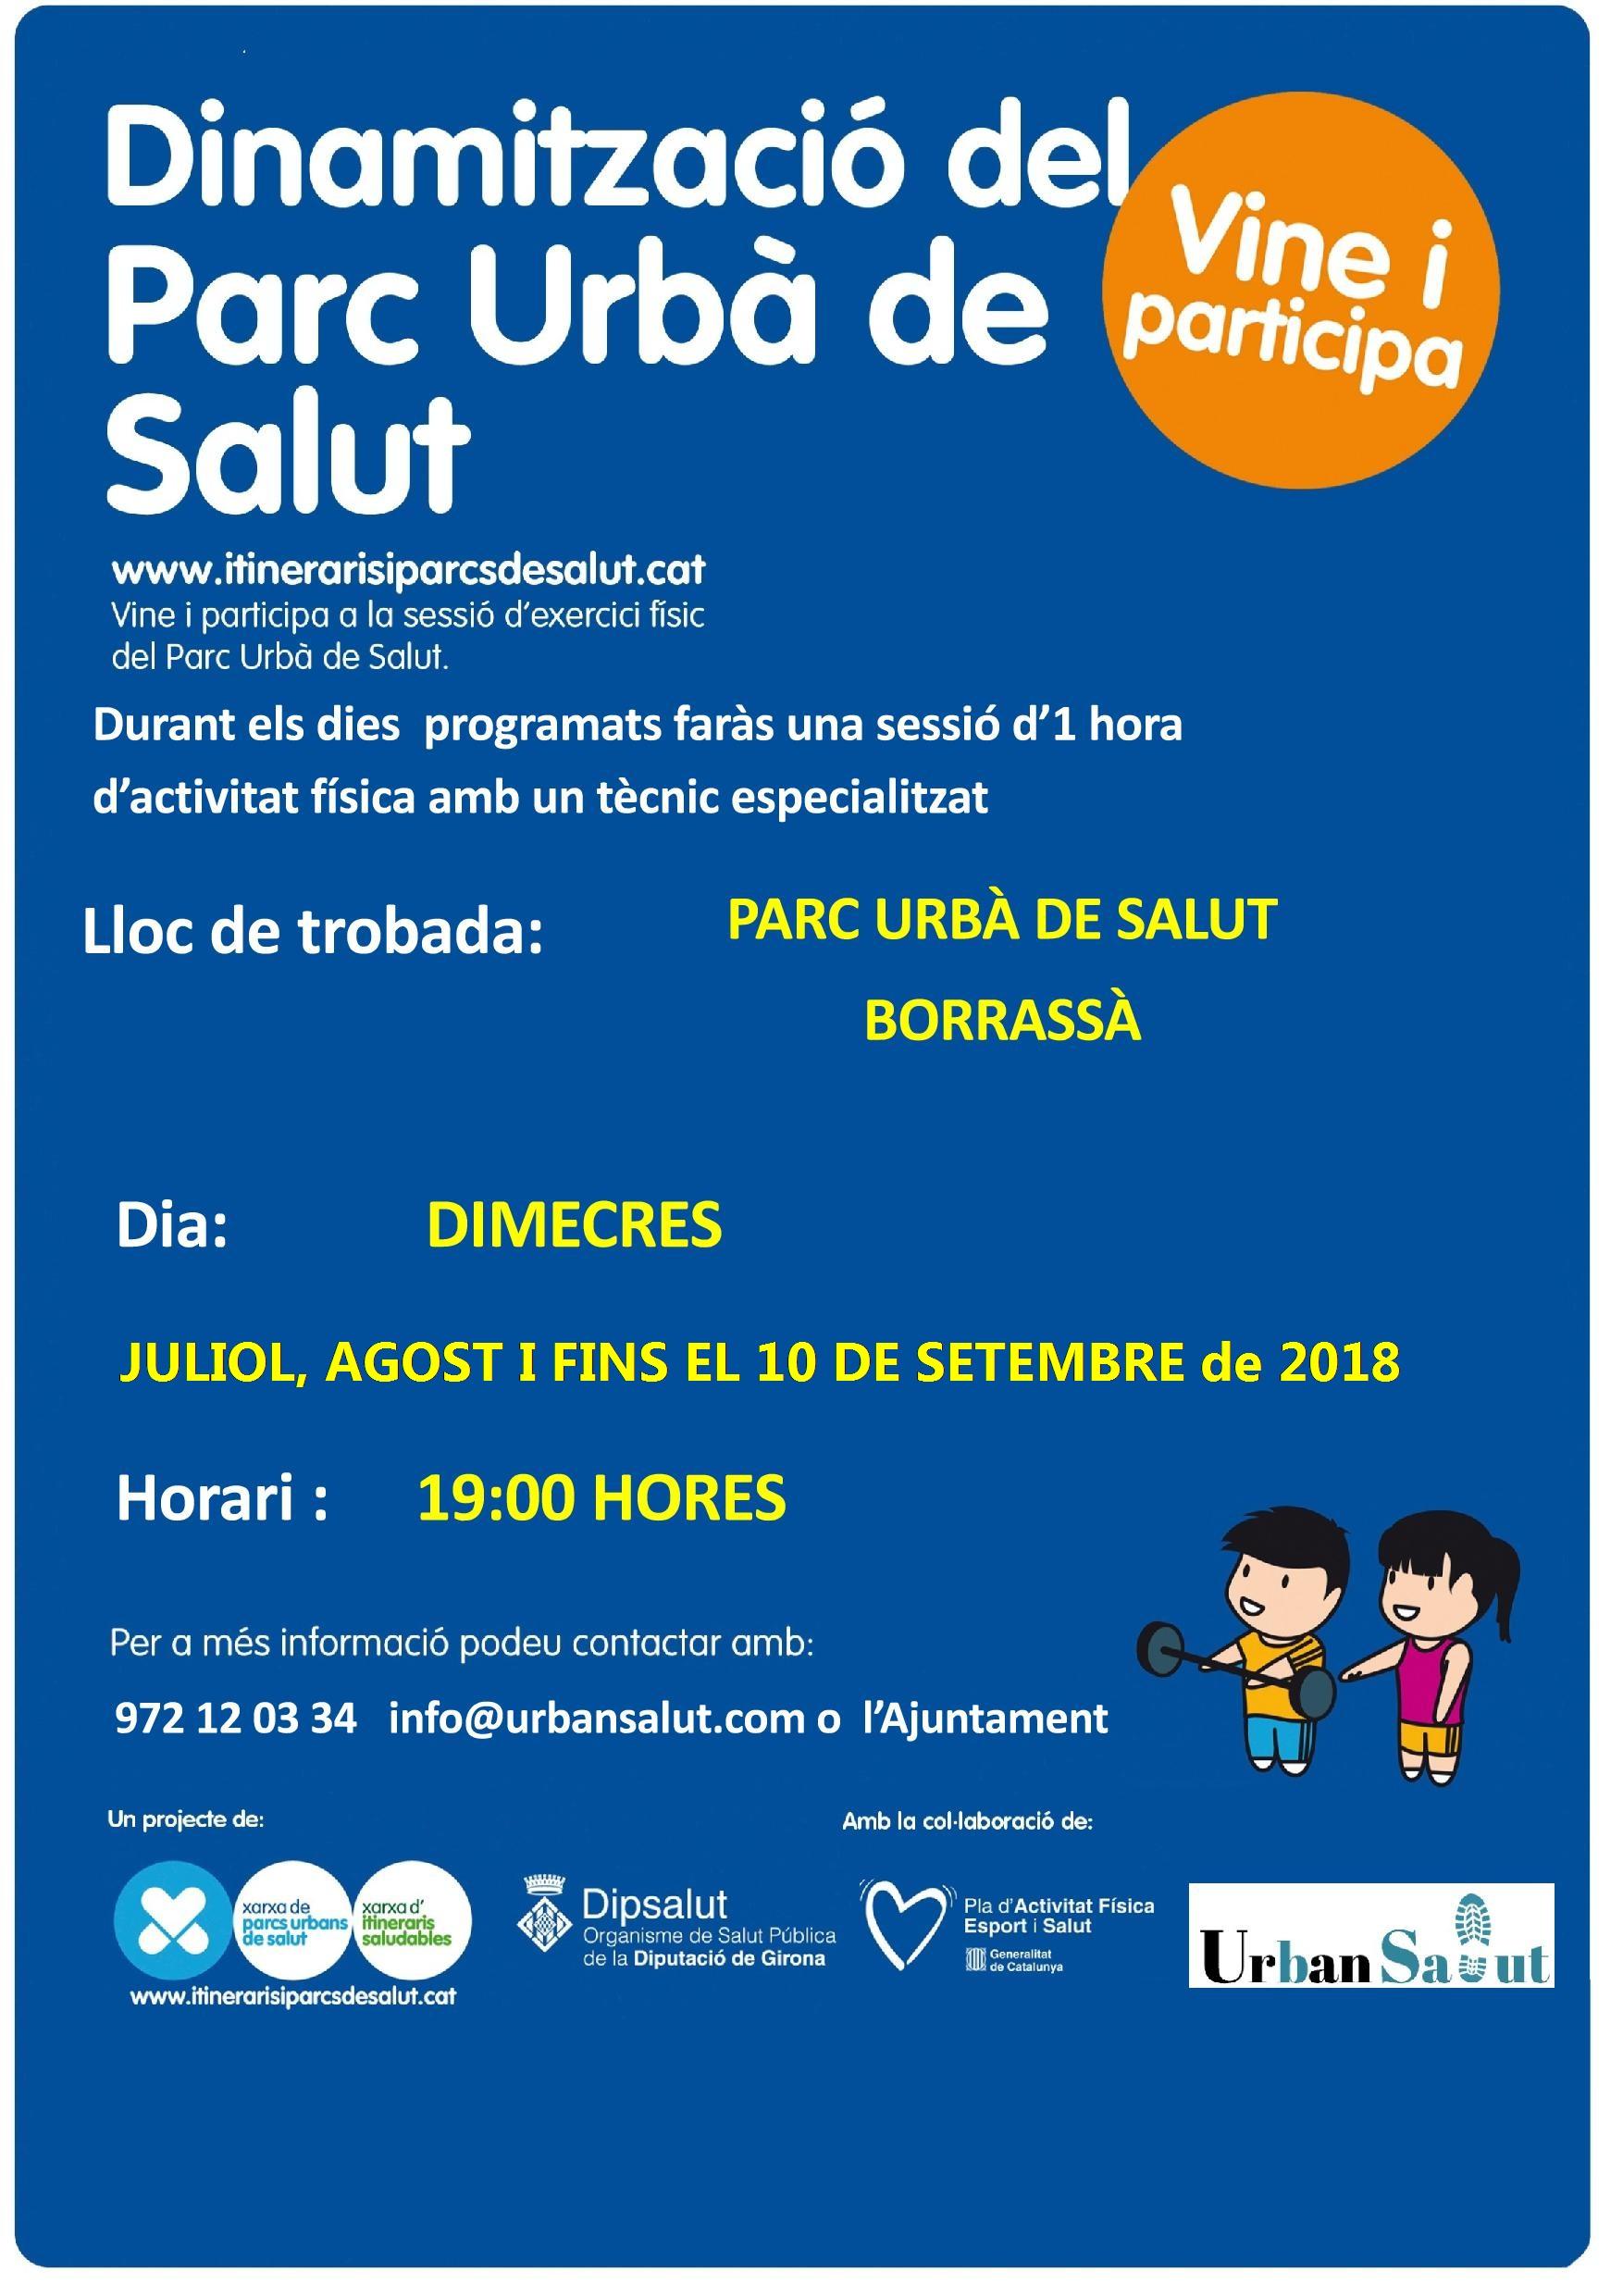 Dinamització del Parc Urbà de Salut de Borrassà